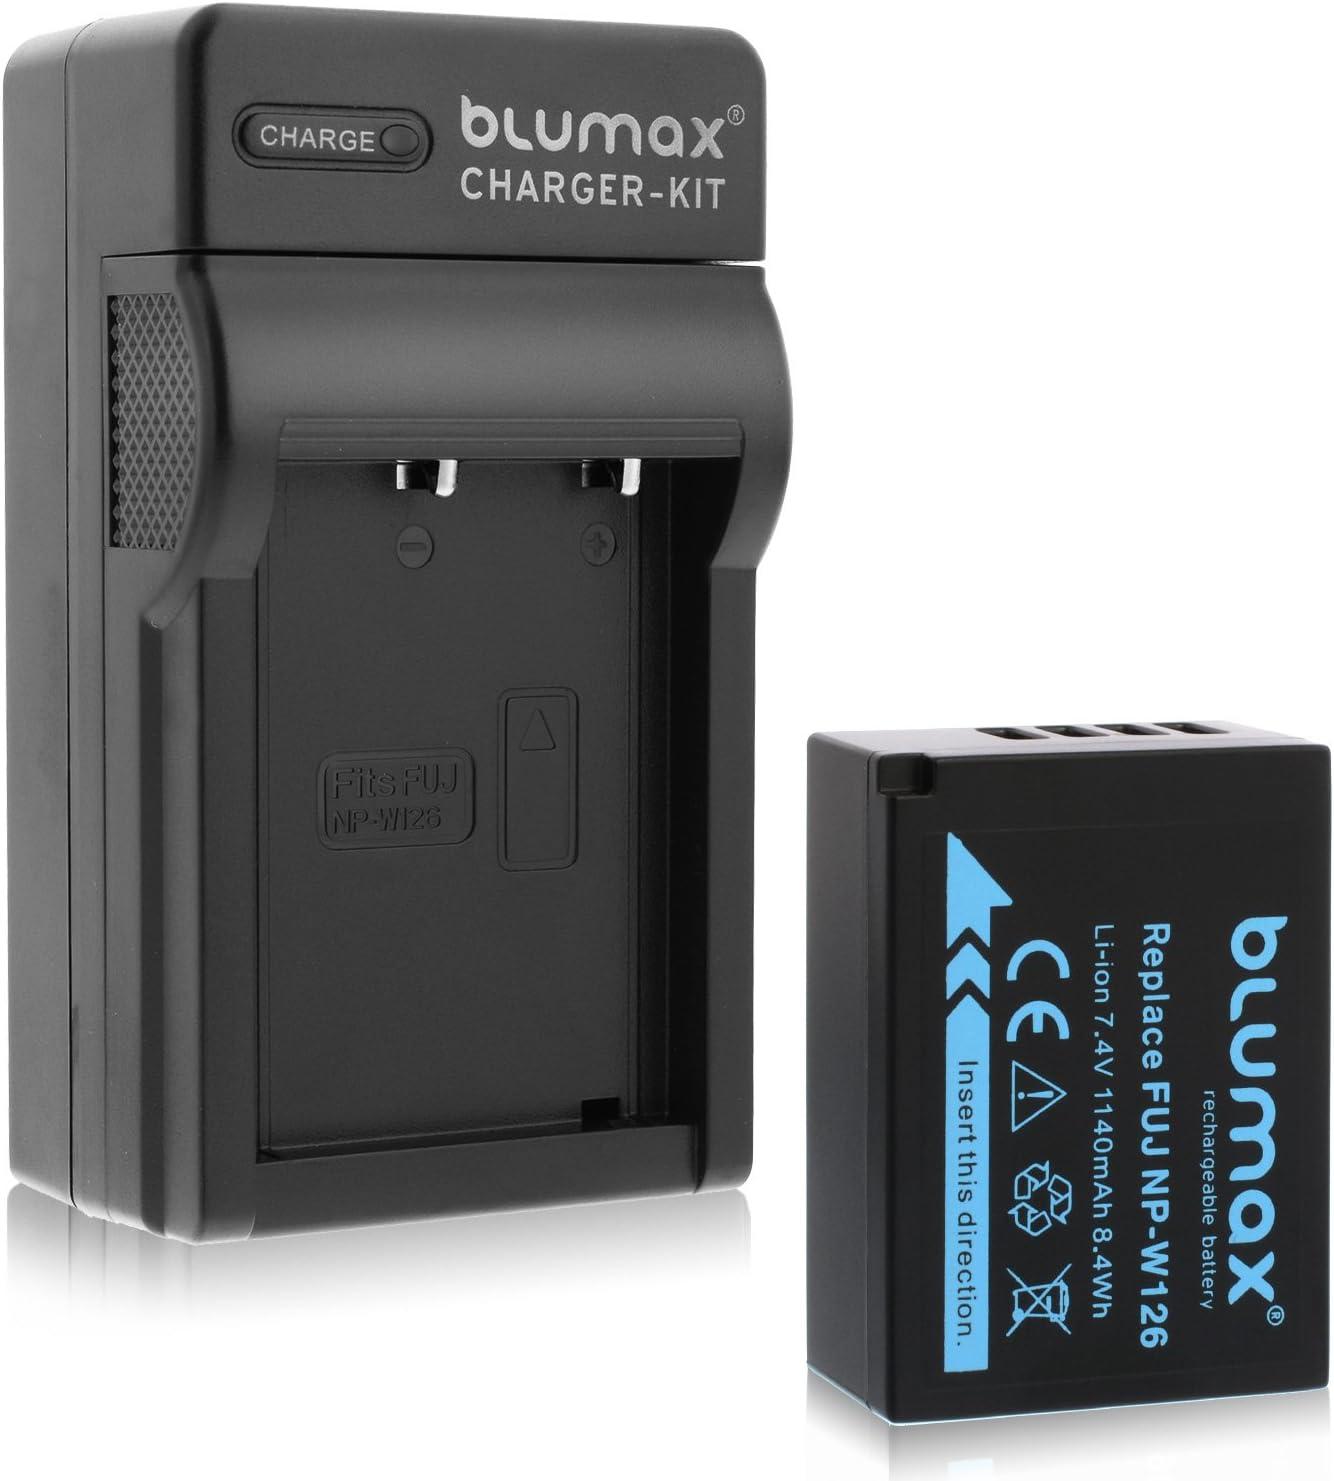 Blumax Akku f/ür Fujifilm NP-W126 Ladeger/ät f/ür NP-W126//s passend zu Fujifilm FinePix X-T1 X-T2 X-T10 X-T20 X-Pro2 und andere X-E1 X-E2 X-M1 X-A1 X-A2 X-Pro1 X-ES2 X-A3 HS50EXR NP-W126s 1140mAh